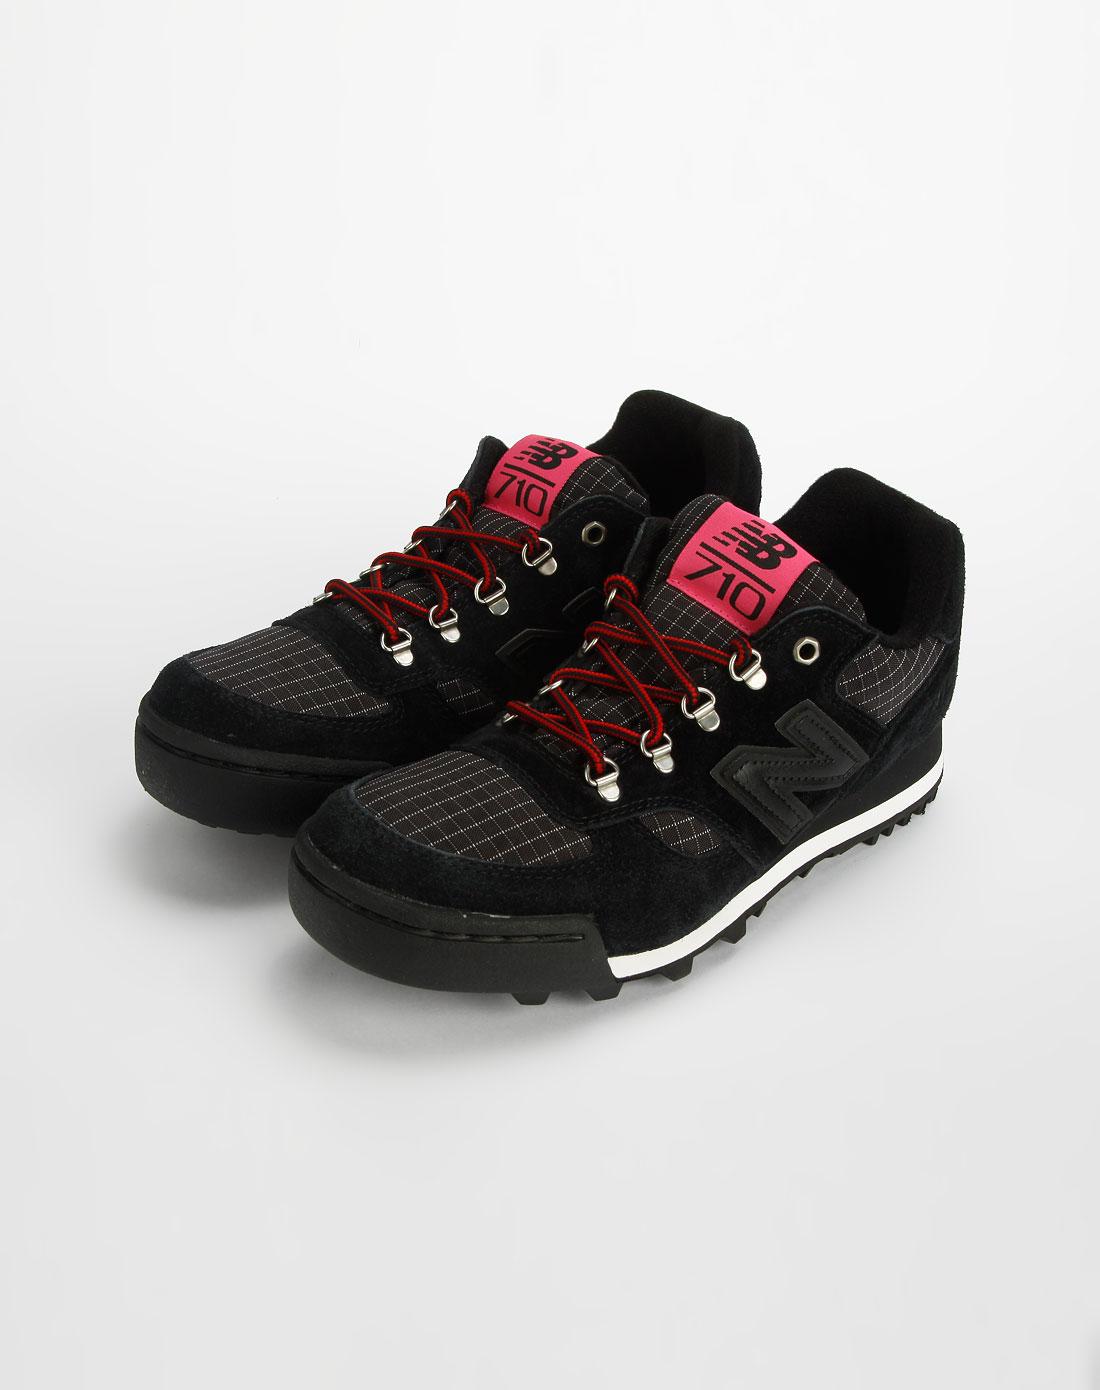 黑色复古运动鞋_new balence新百伦官网特价3.5-3